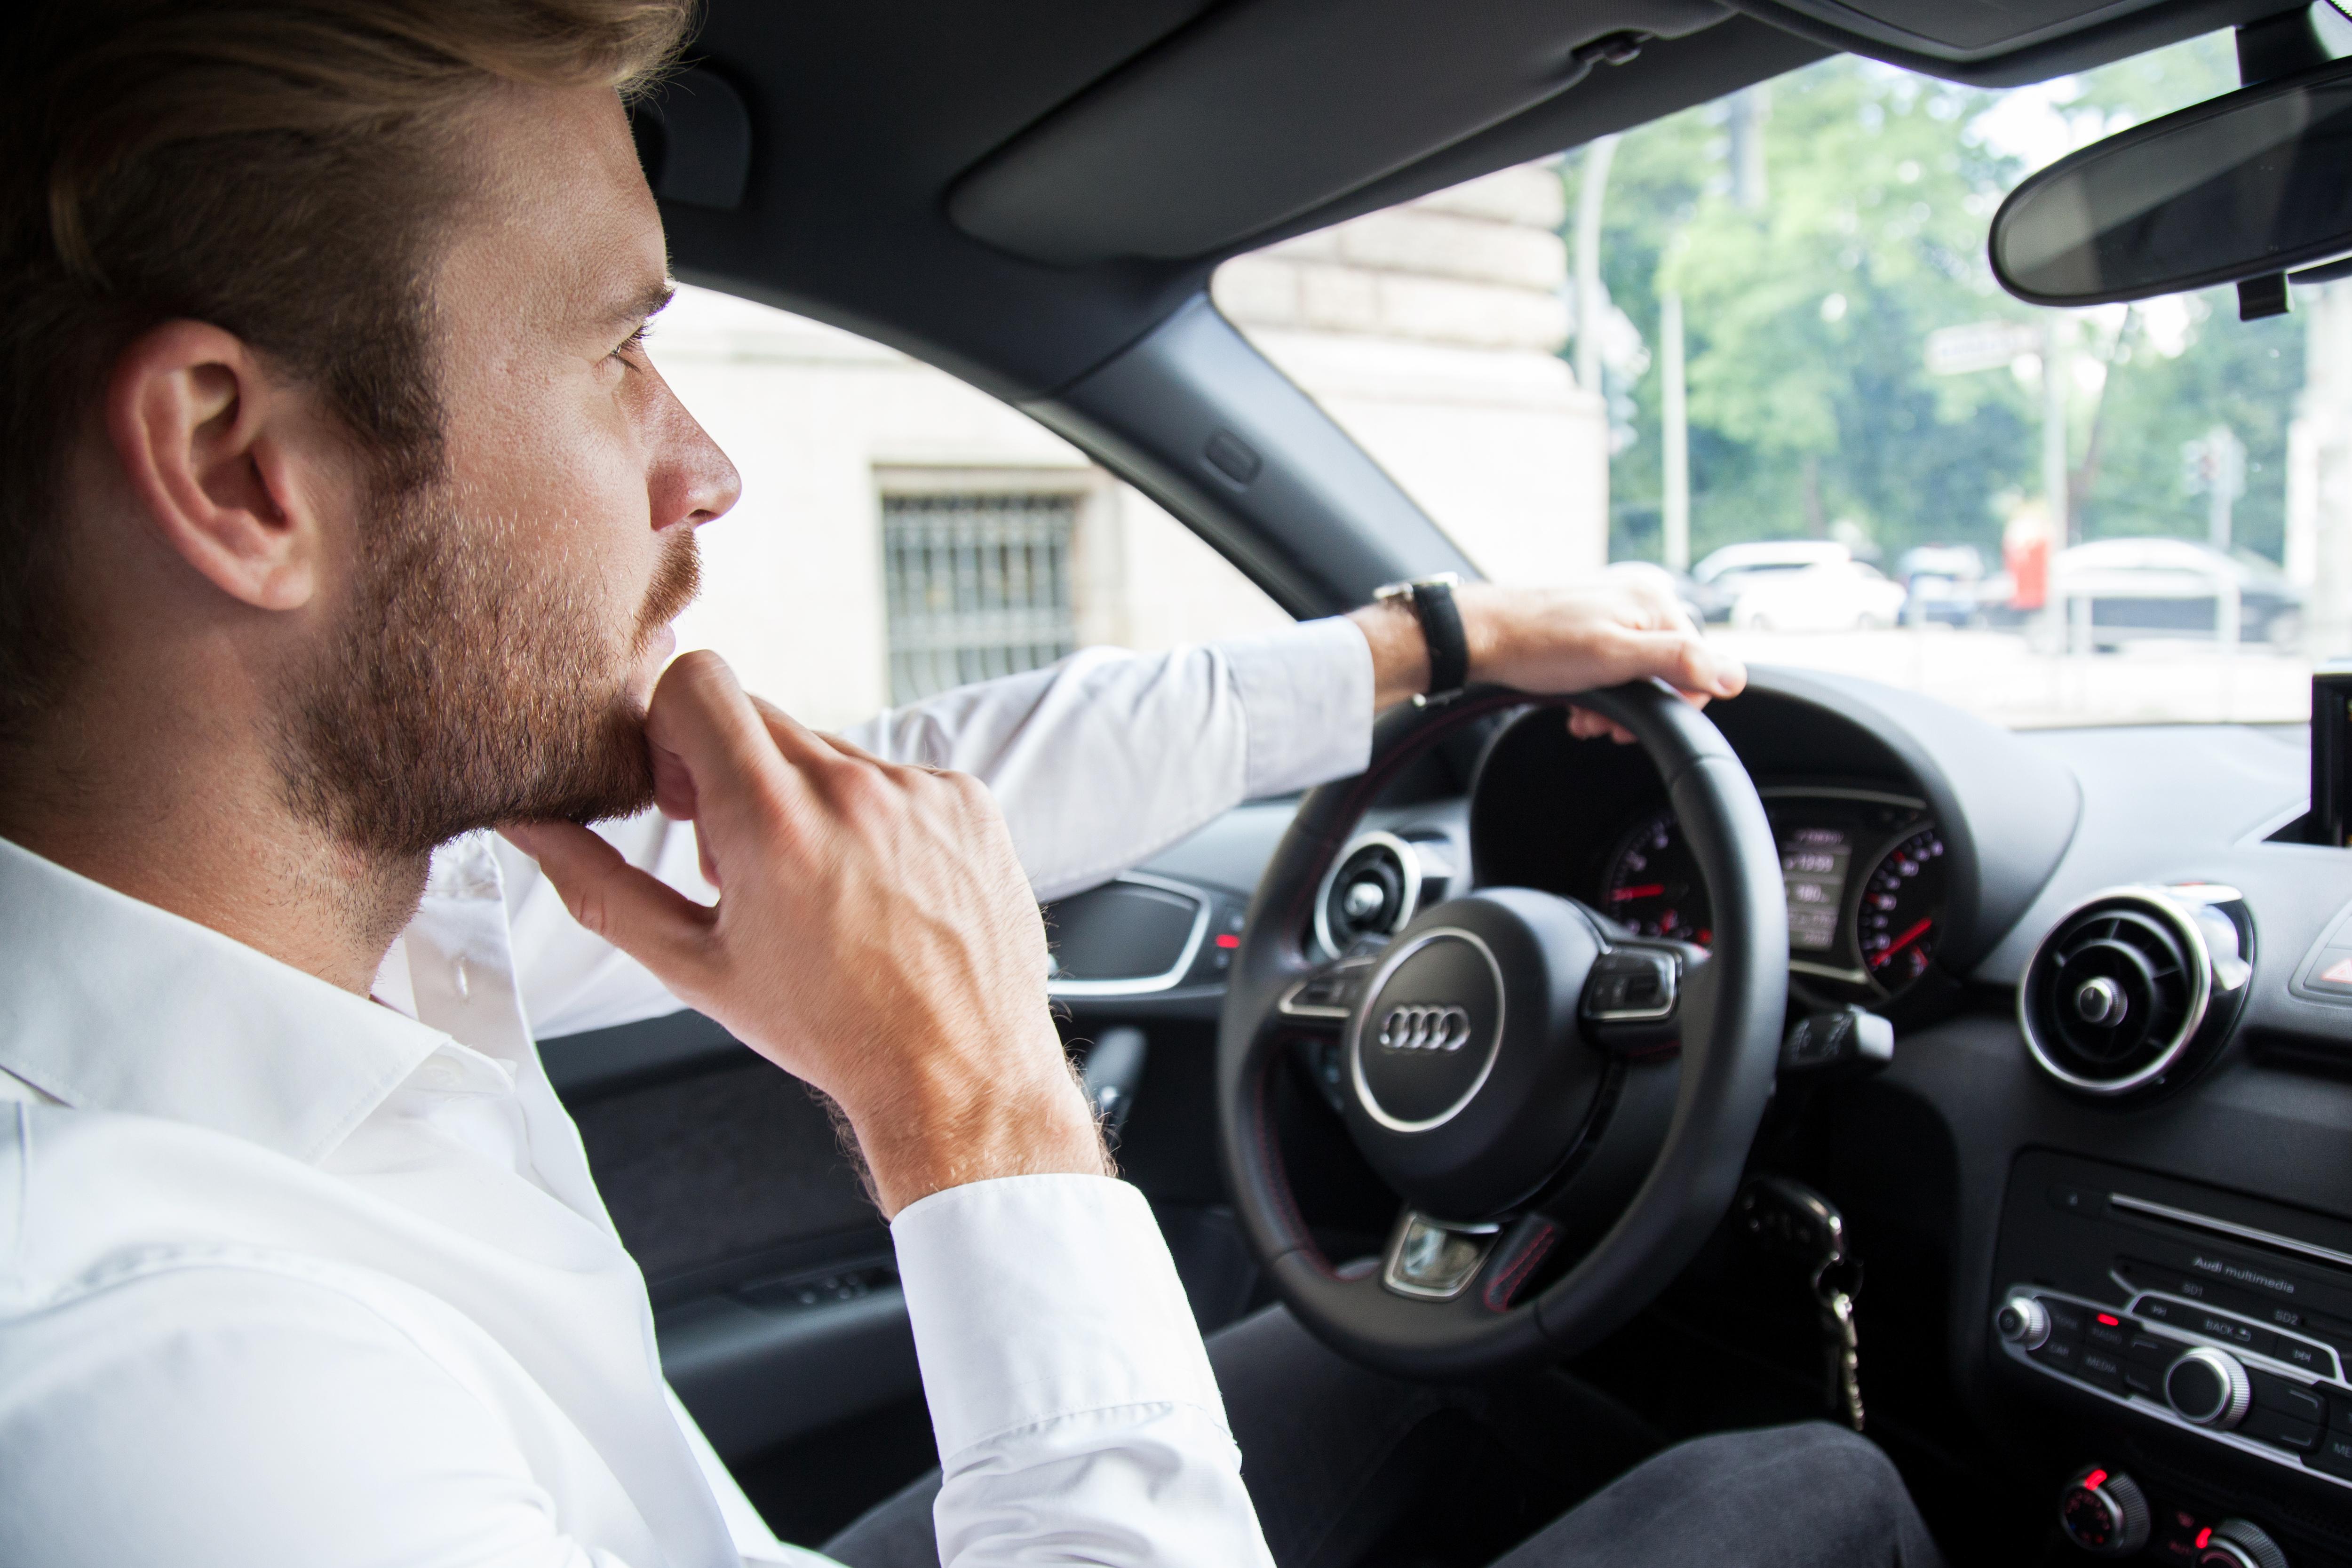 Escuchar música y pódcast de forma segura al conducir